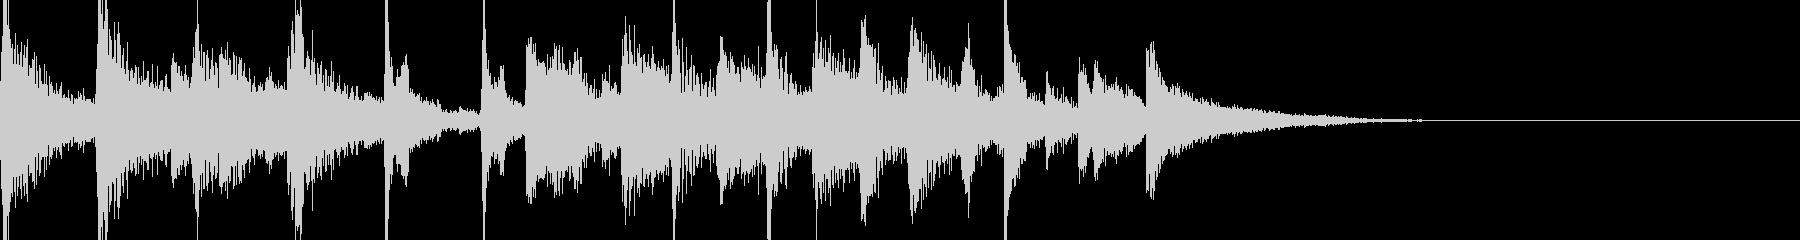 ピアノのジャズ風ジングルの未再生の波形